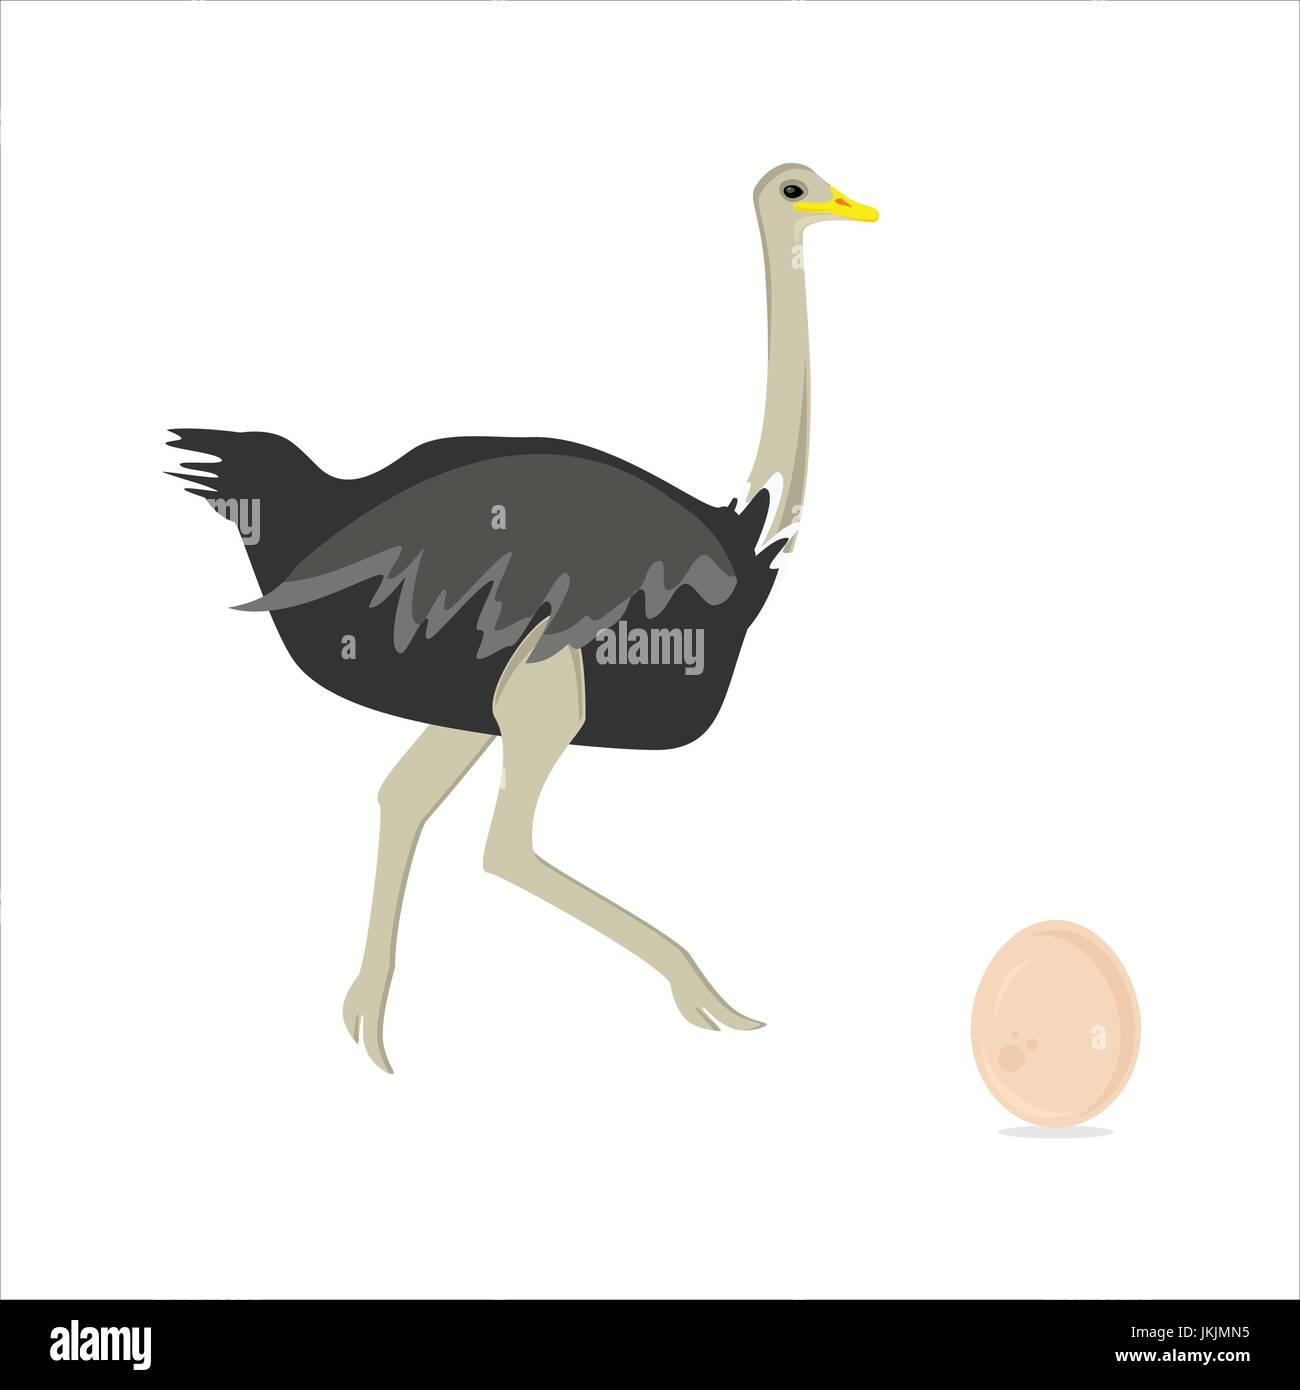 Vektor Illustration Afrikanischen Vogel Strauß Und Strauß Läuft Ei